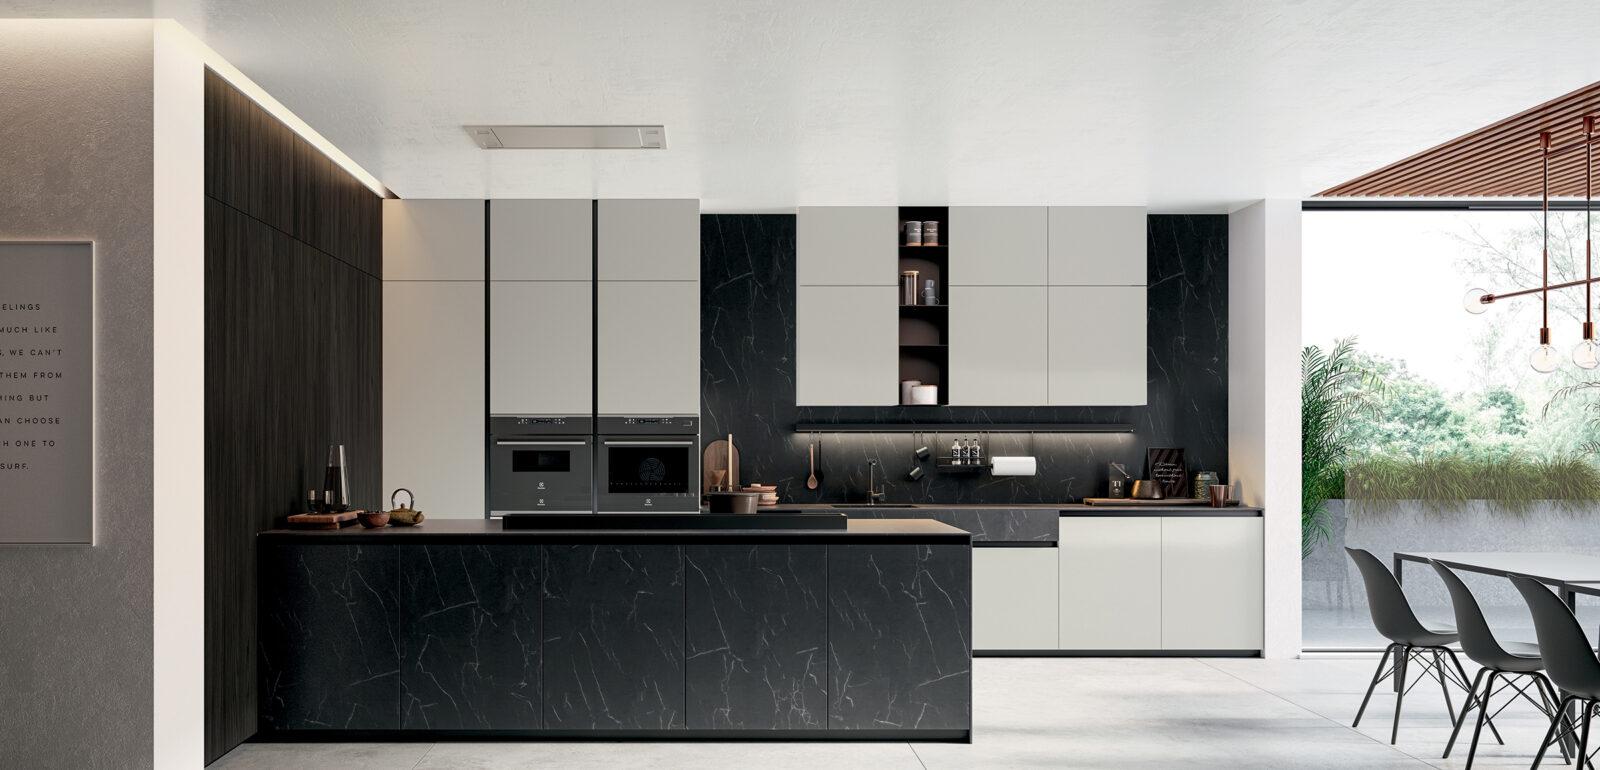 cucina moderna con penisola Arredo3 Glass 2.0 foto 03